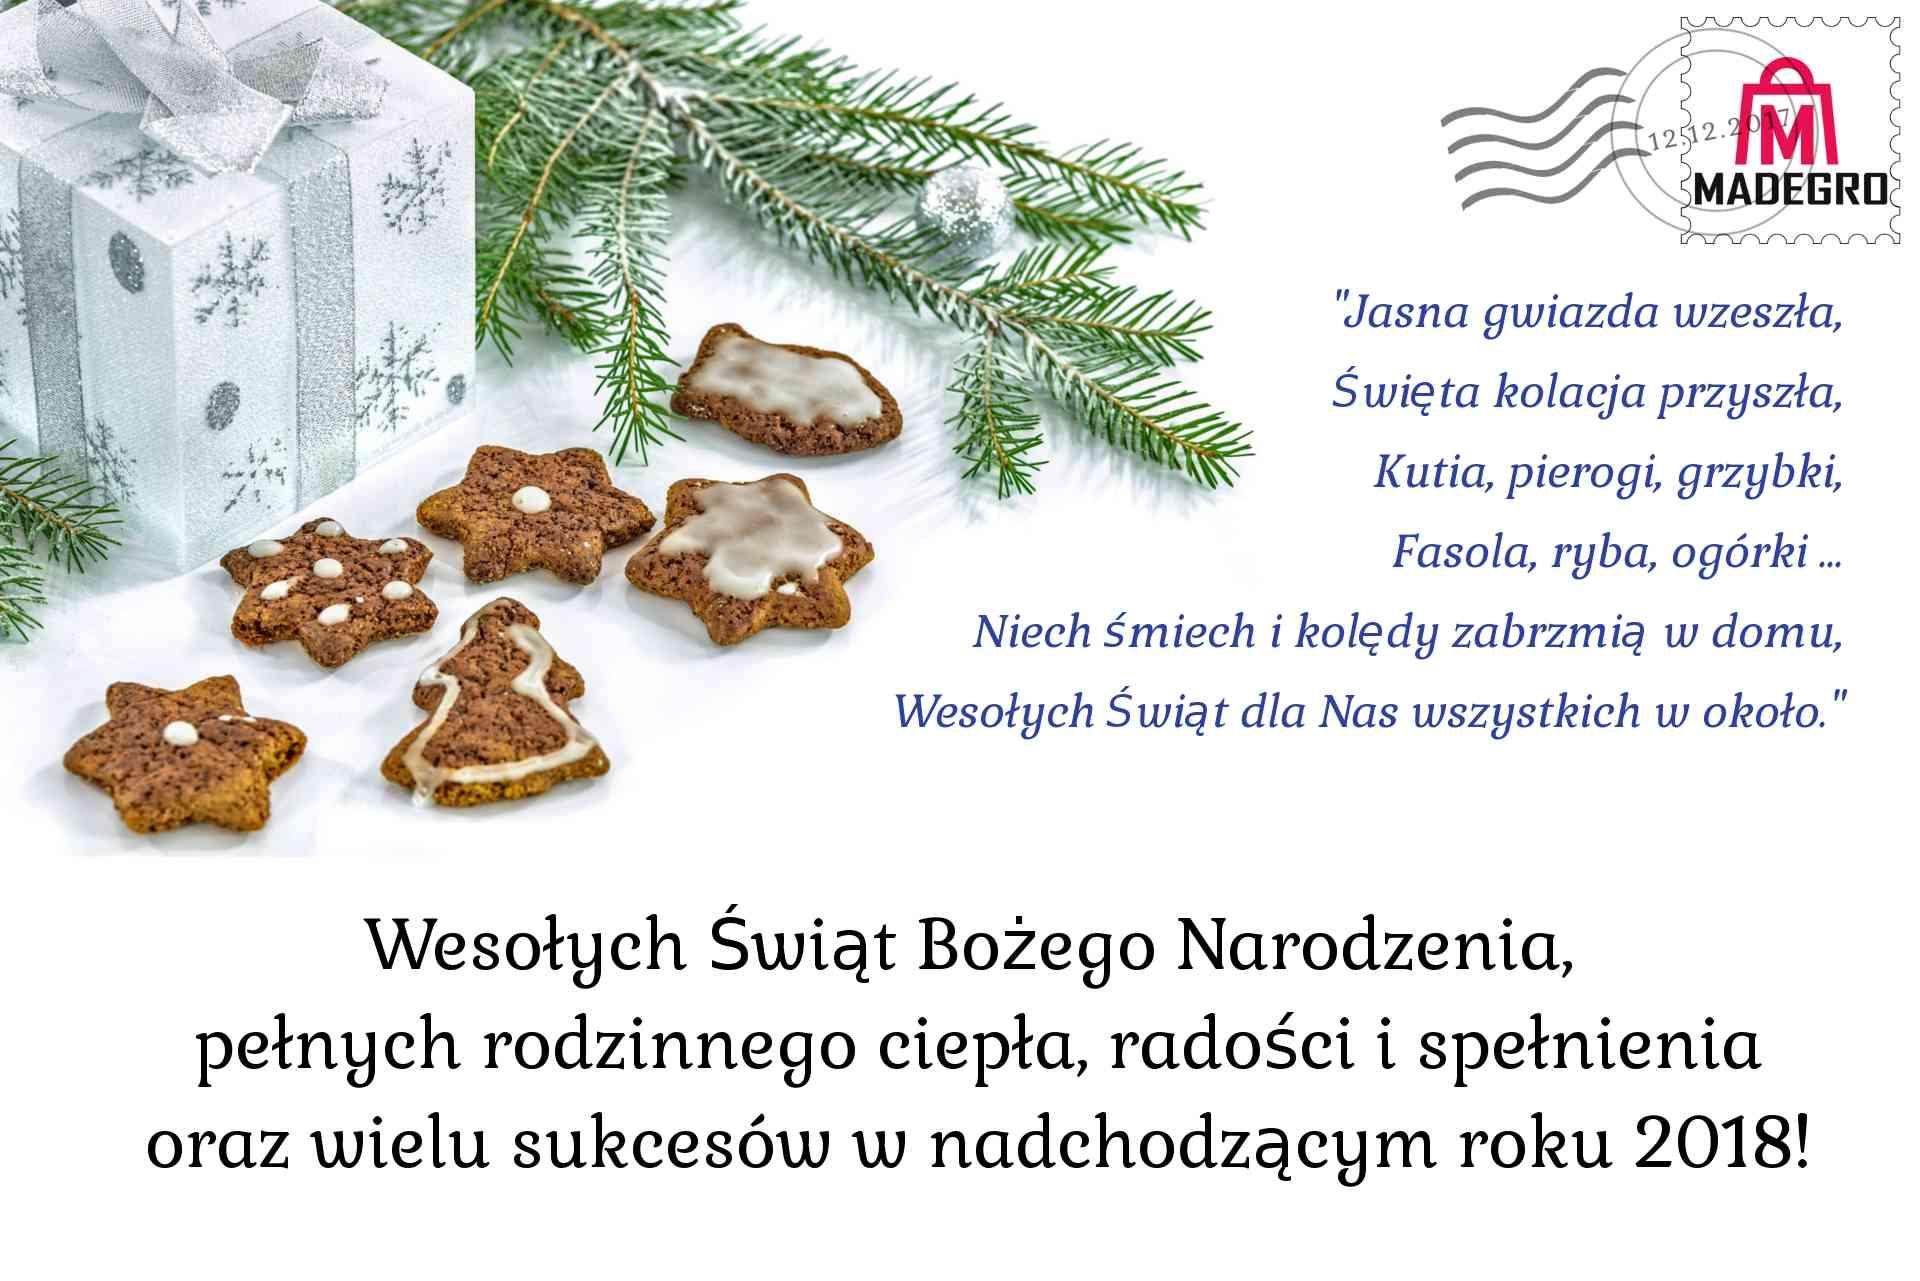 Wesołych Świąt - Madegro.pl